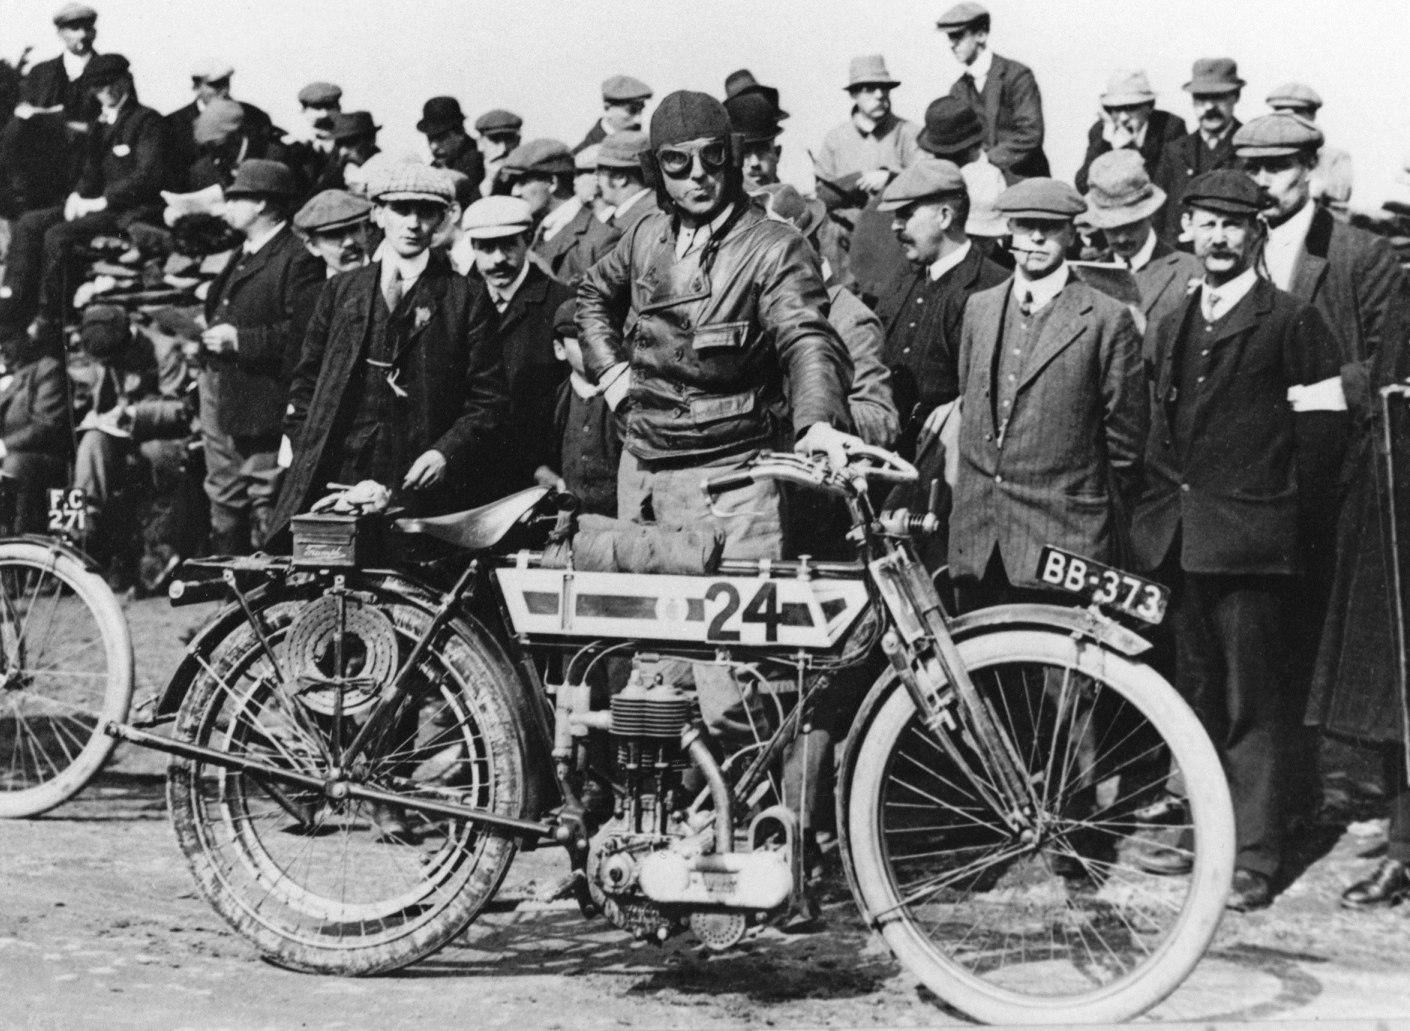 Triumph celebra más de 100 años de competición y logros en el motociclismo